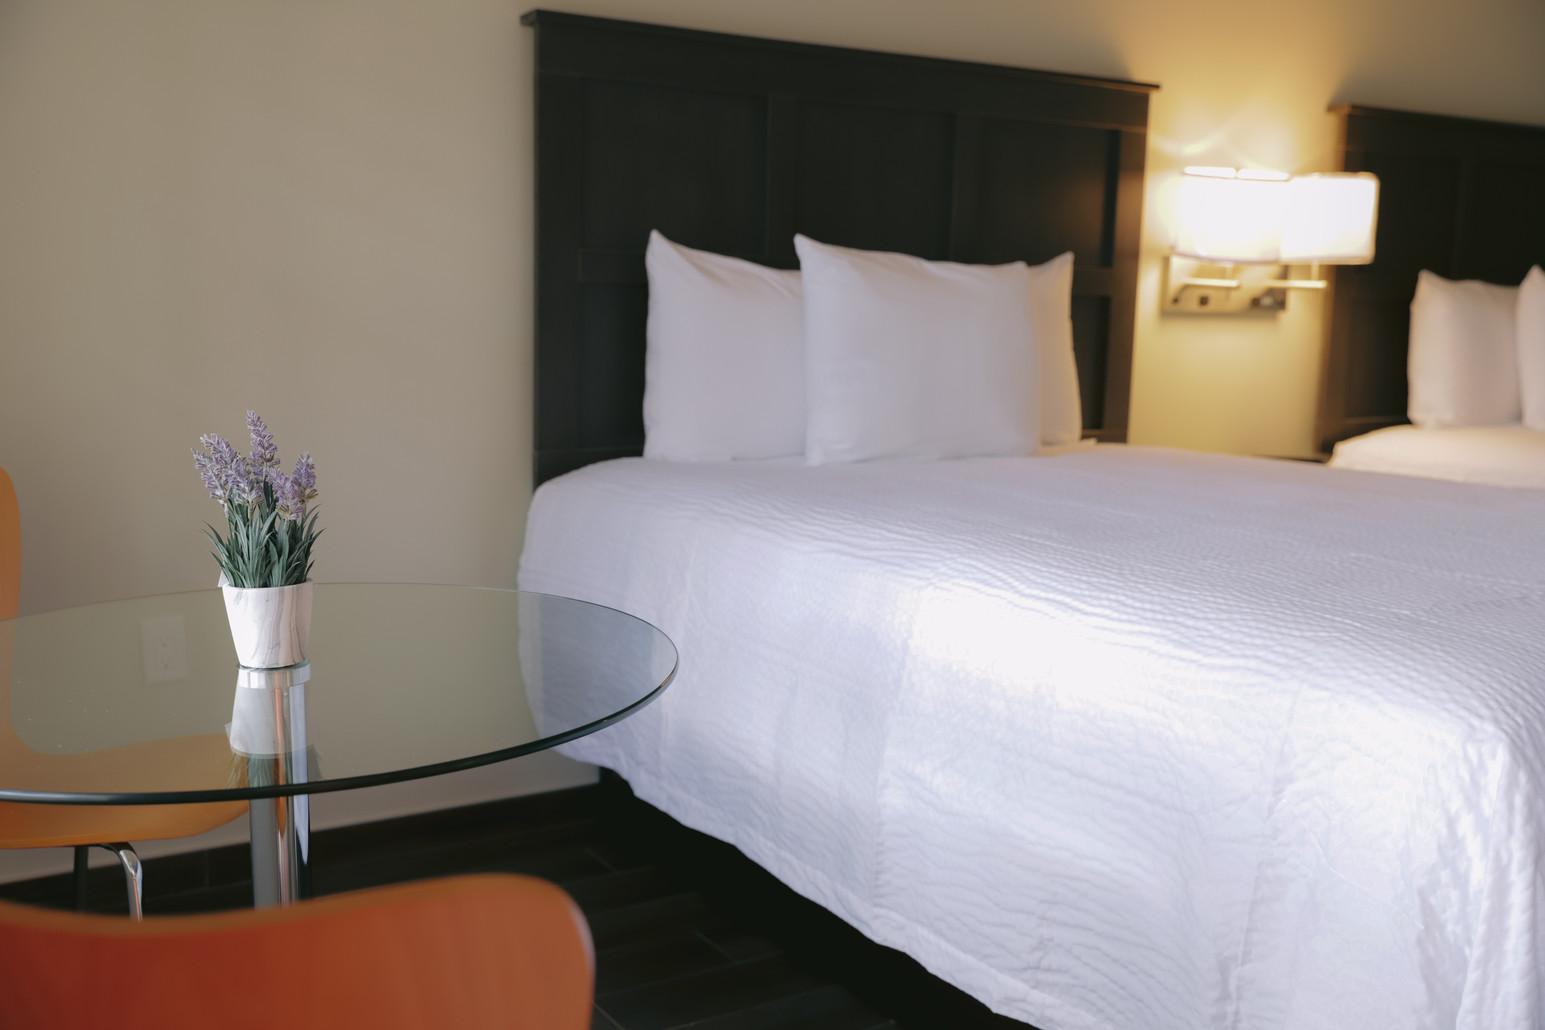 Queen Room Or Two-Room Queen Flex Suite?